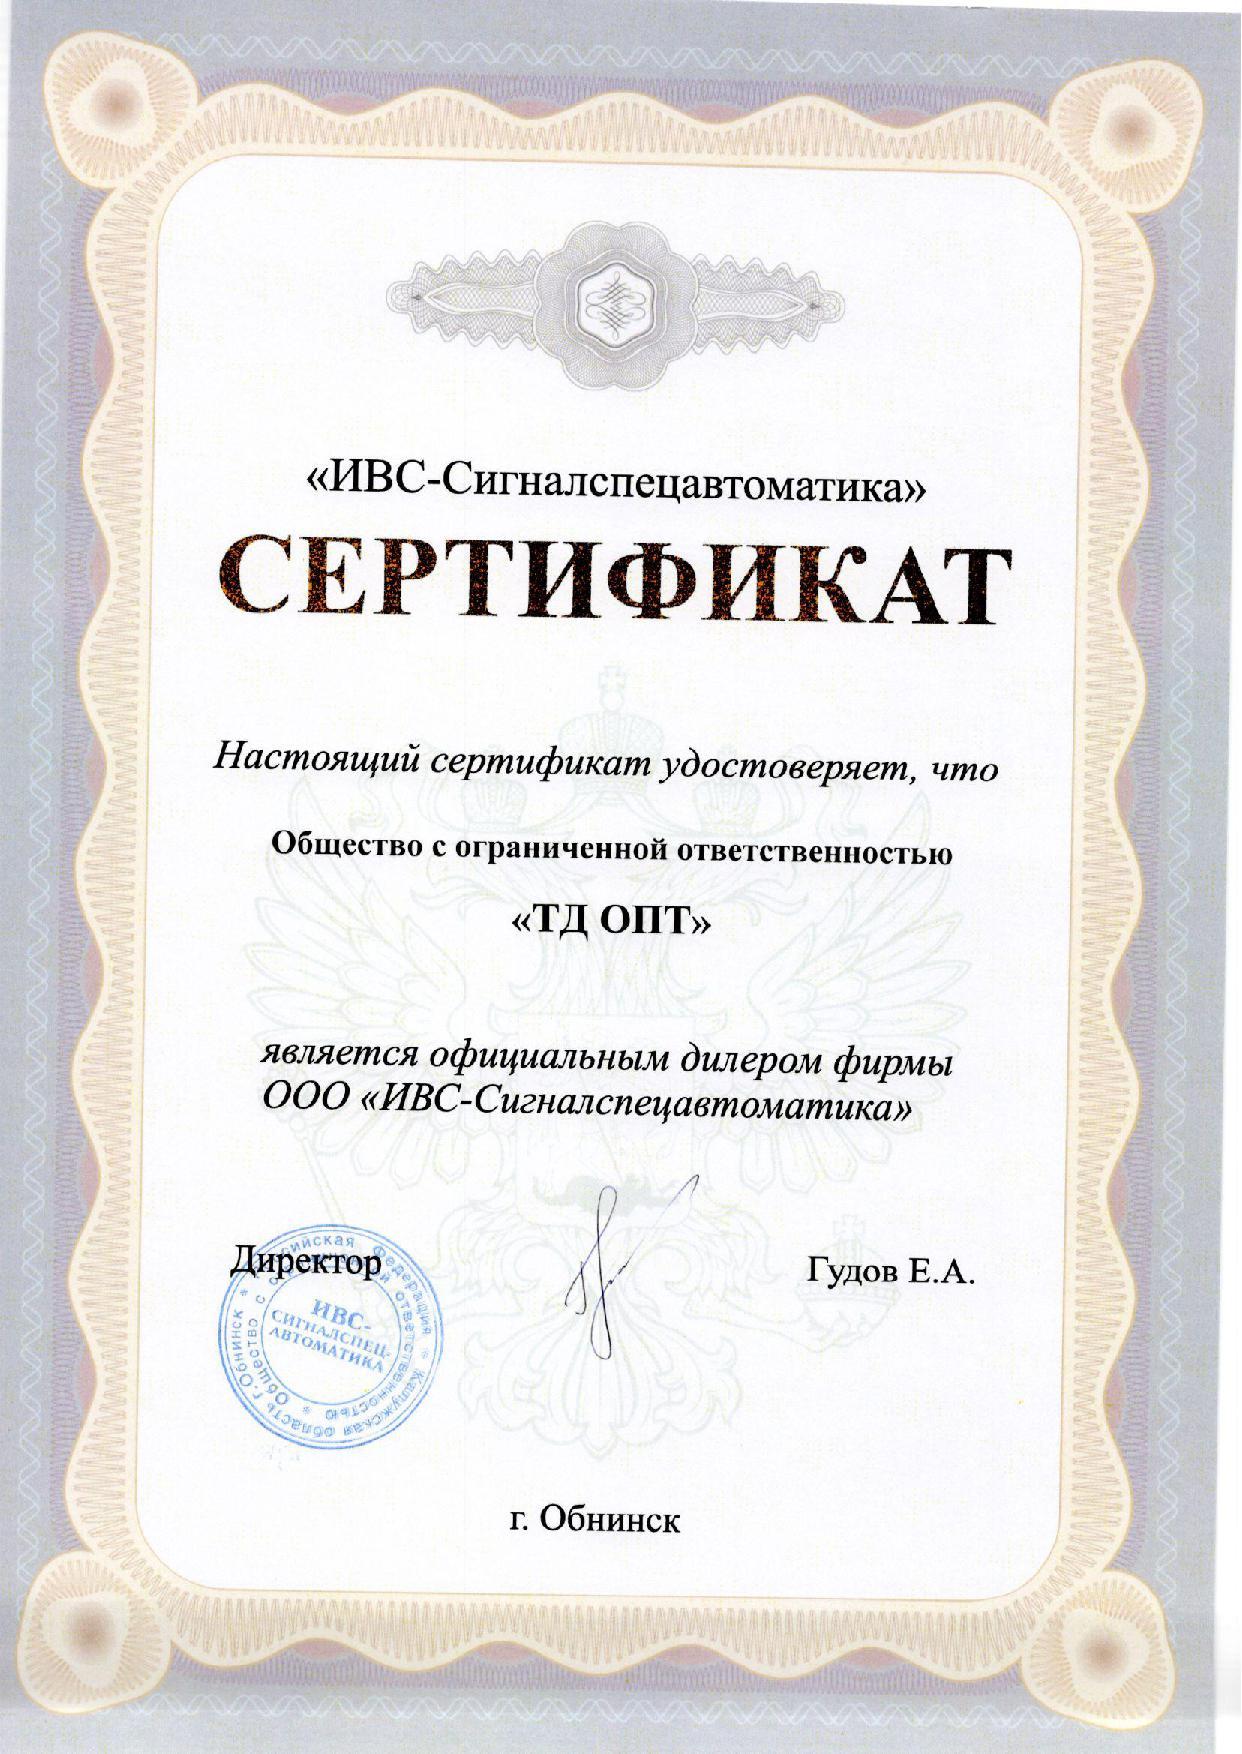 ИВС - Сигналспецавтоматика